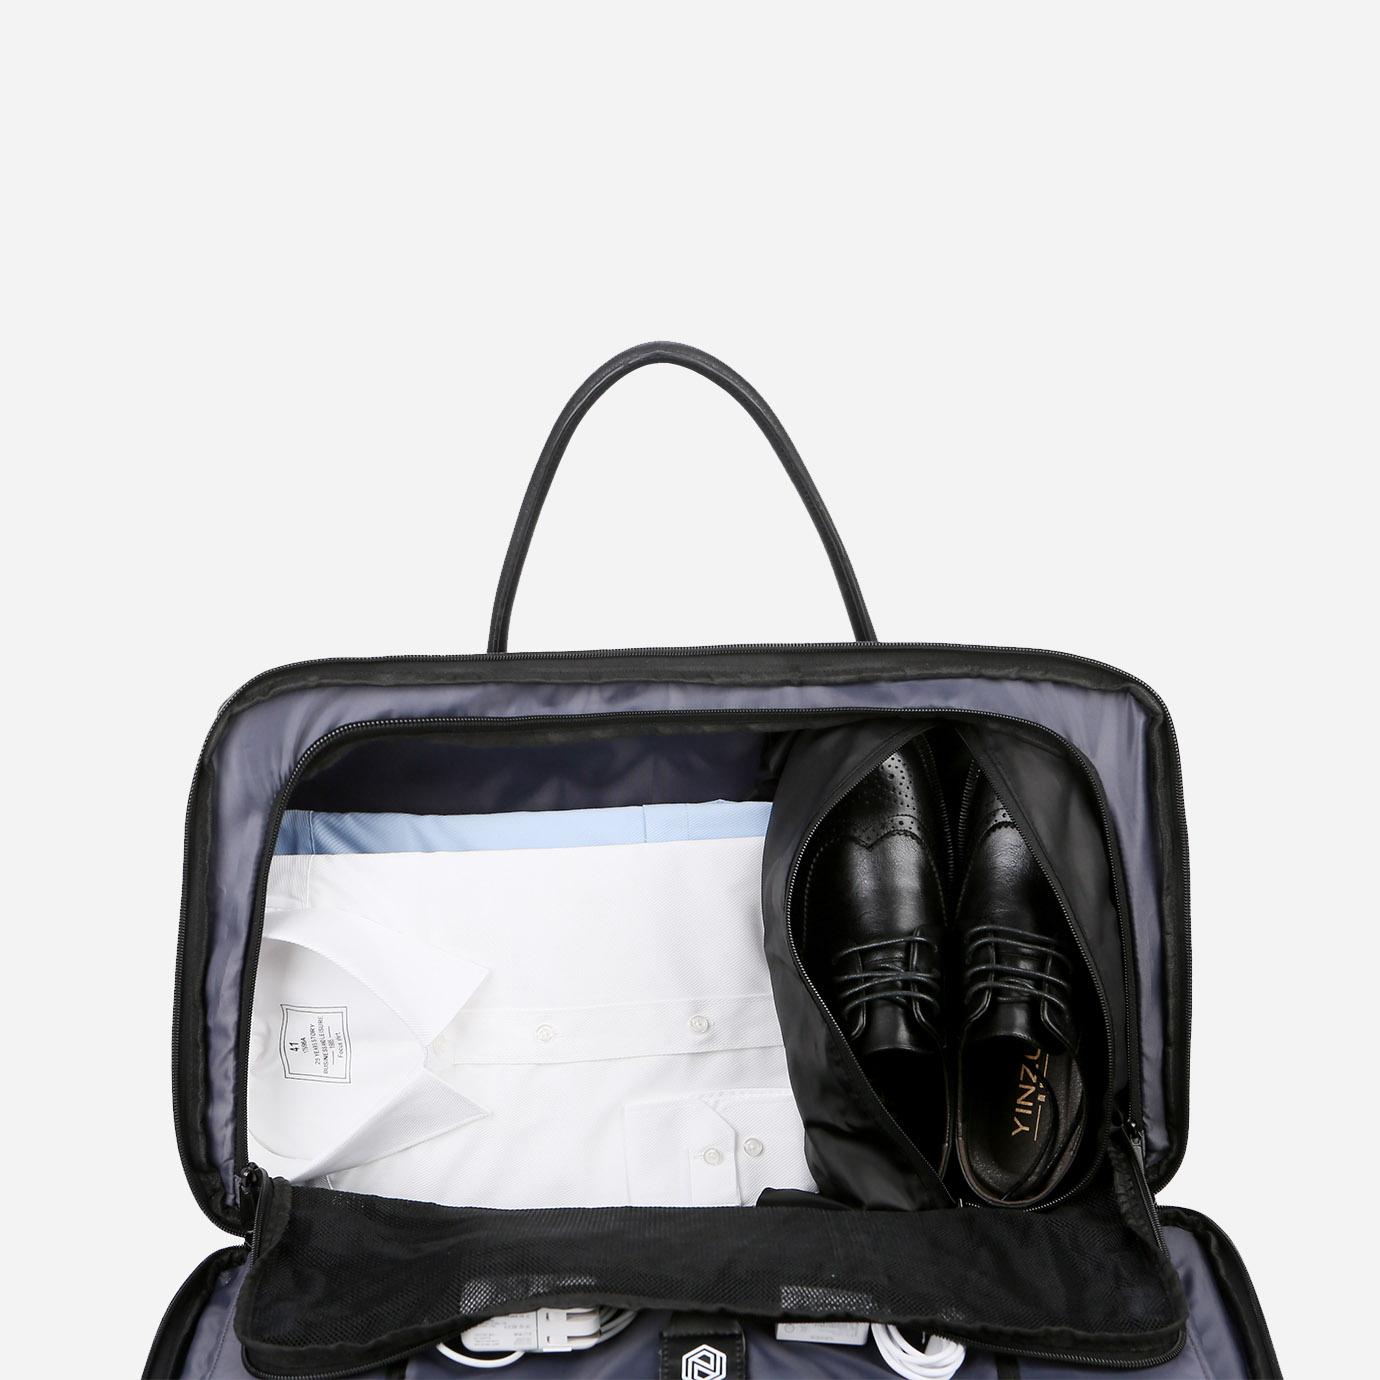 Nordace Shoe Bag